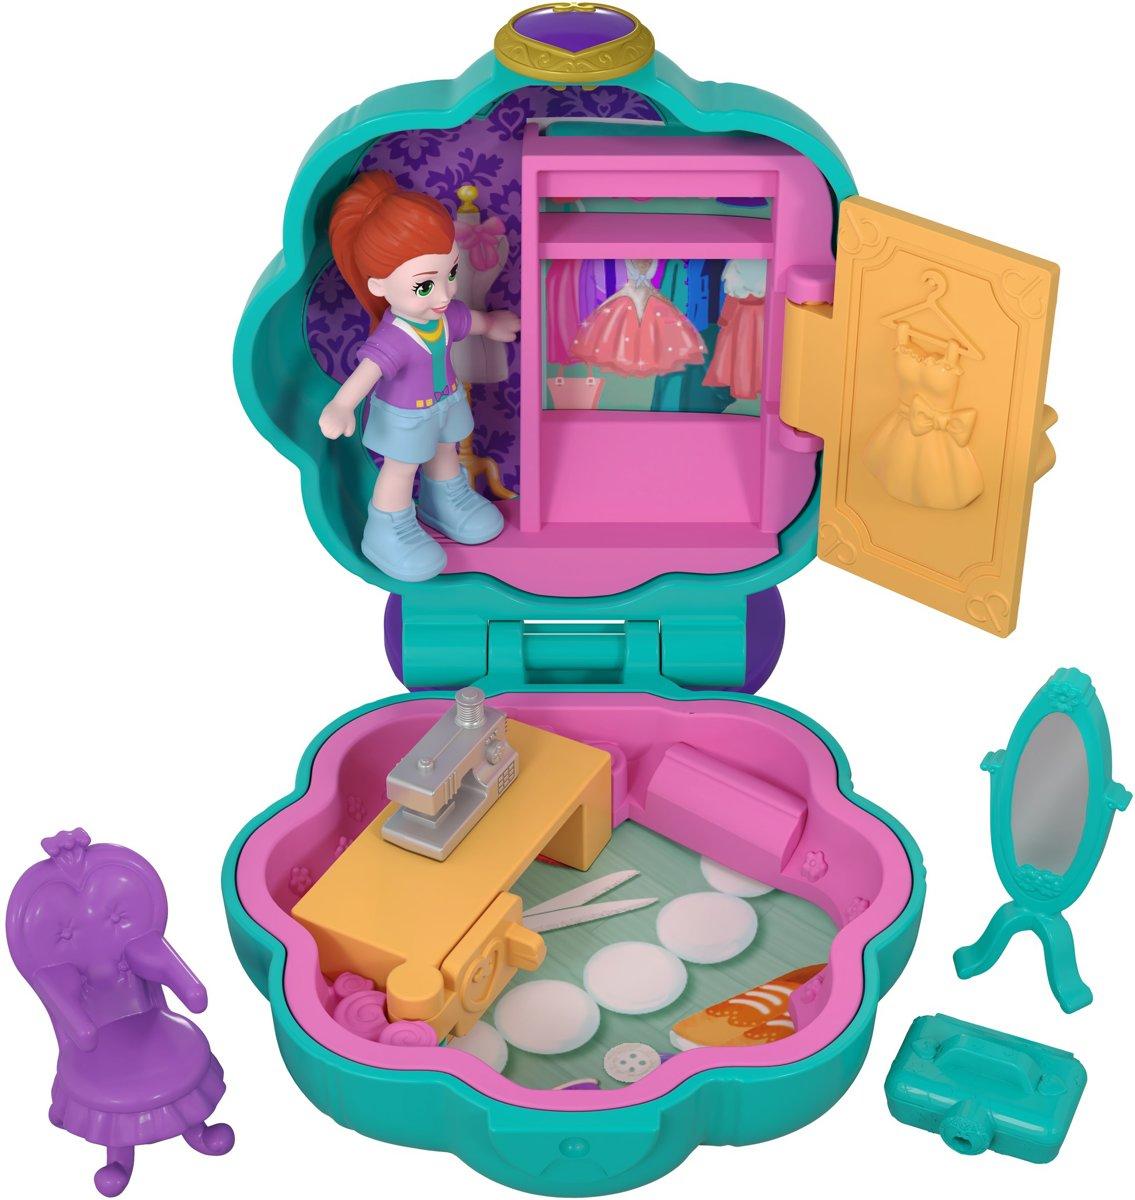 Polly Pocket Tiny Pocket Places  Lila's Kledingkast - Speelfigurenset